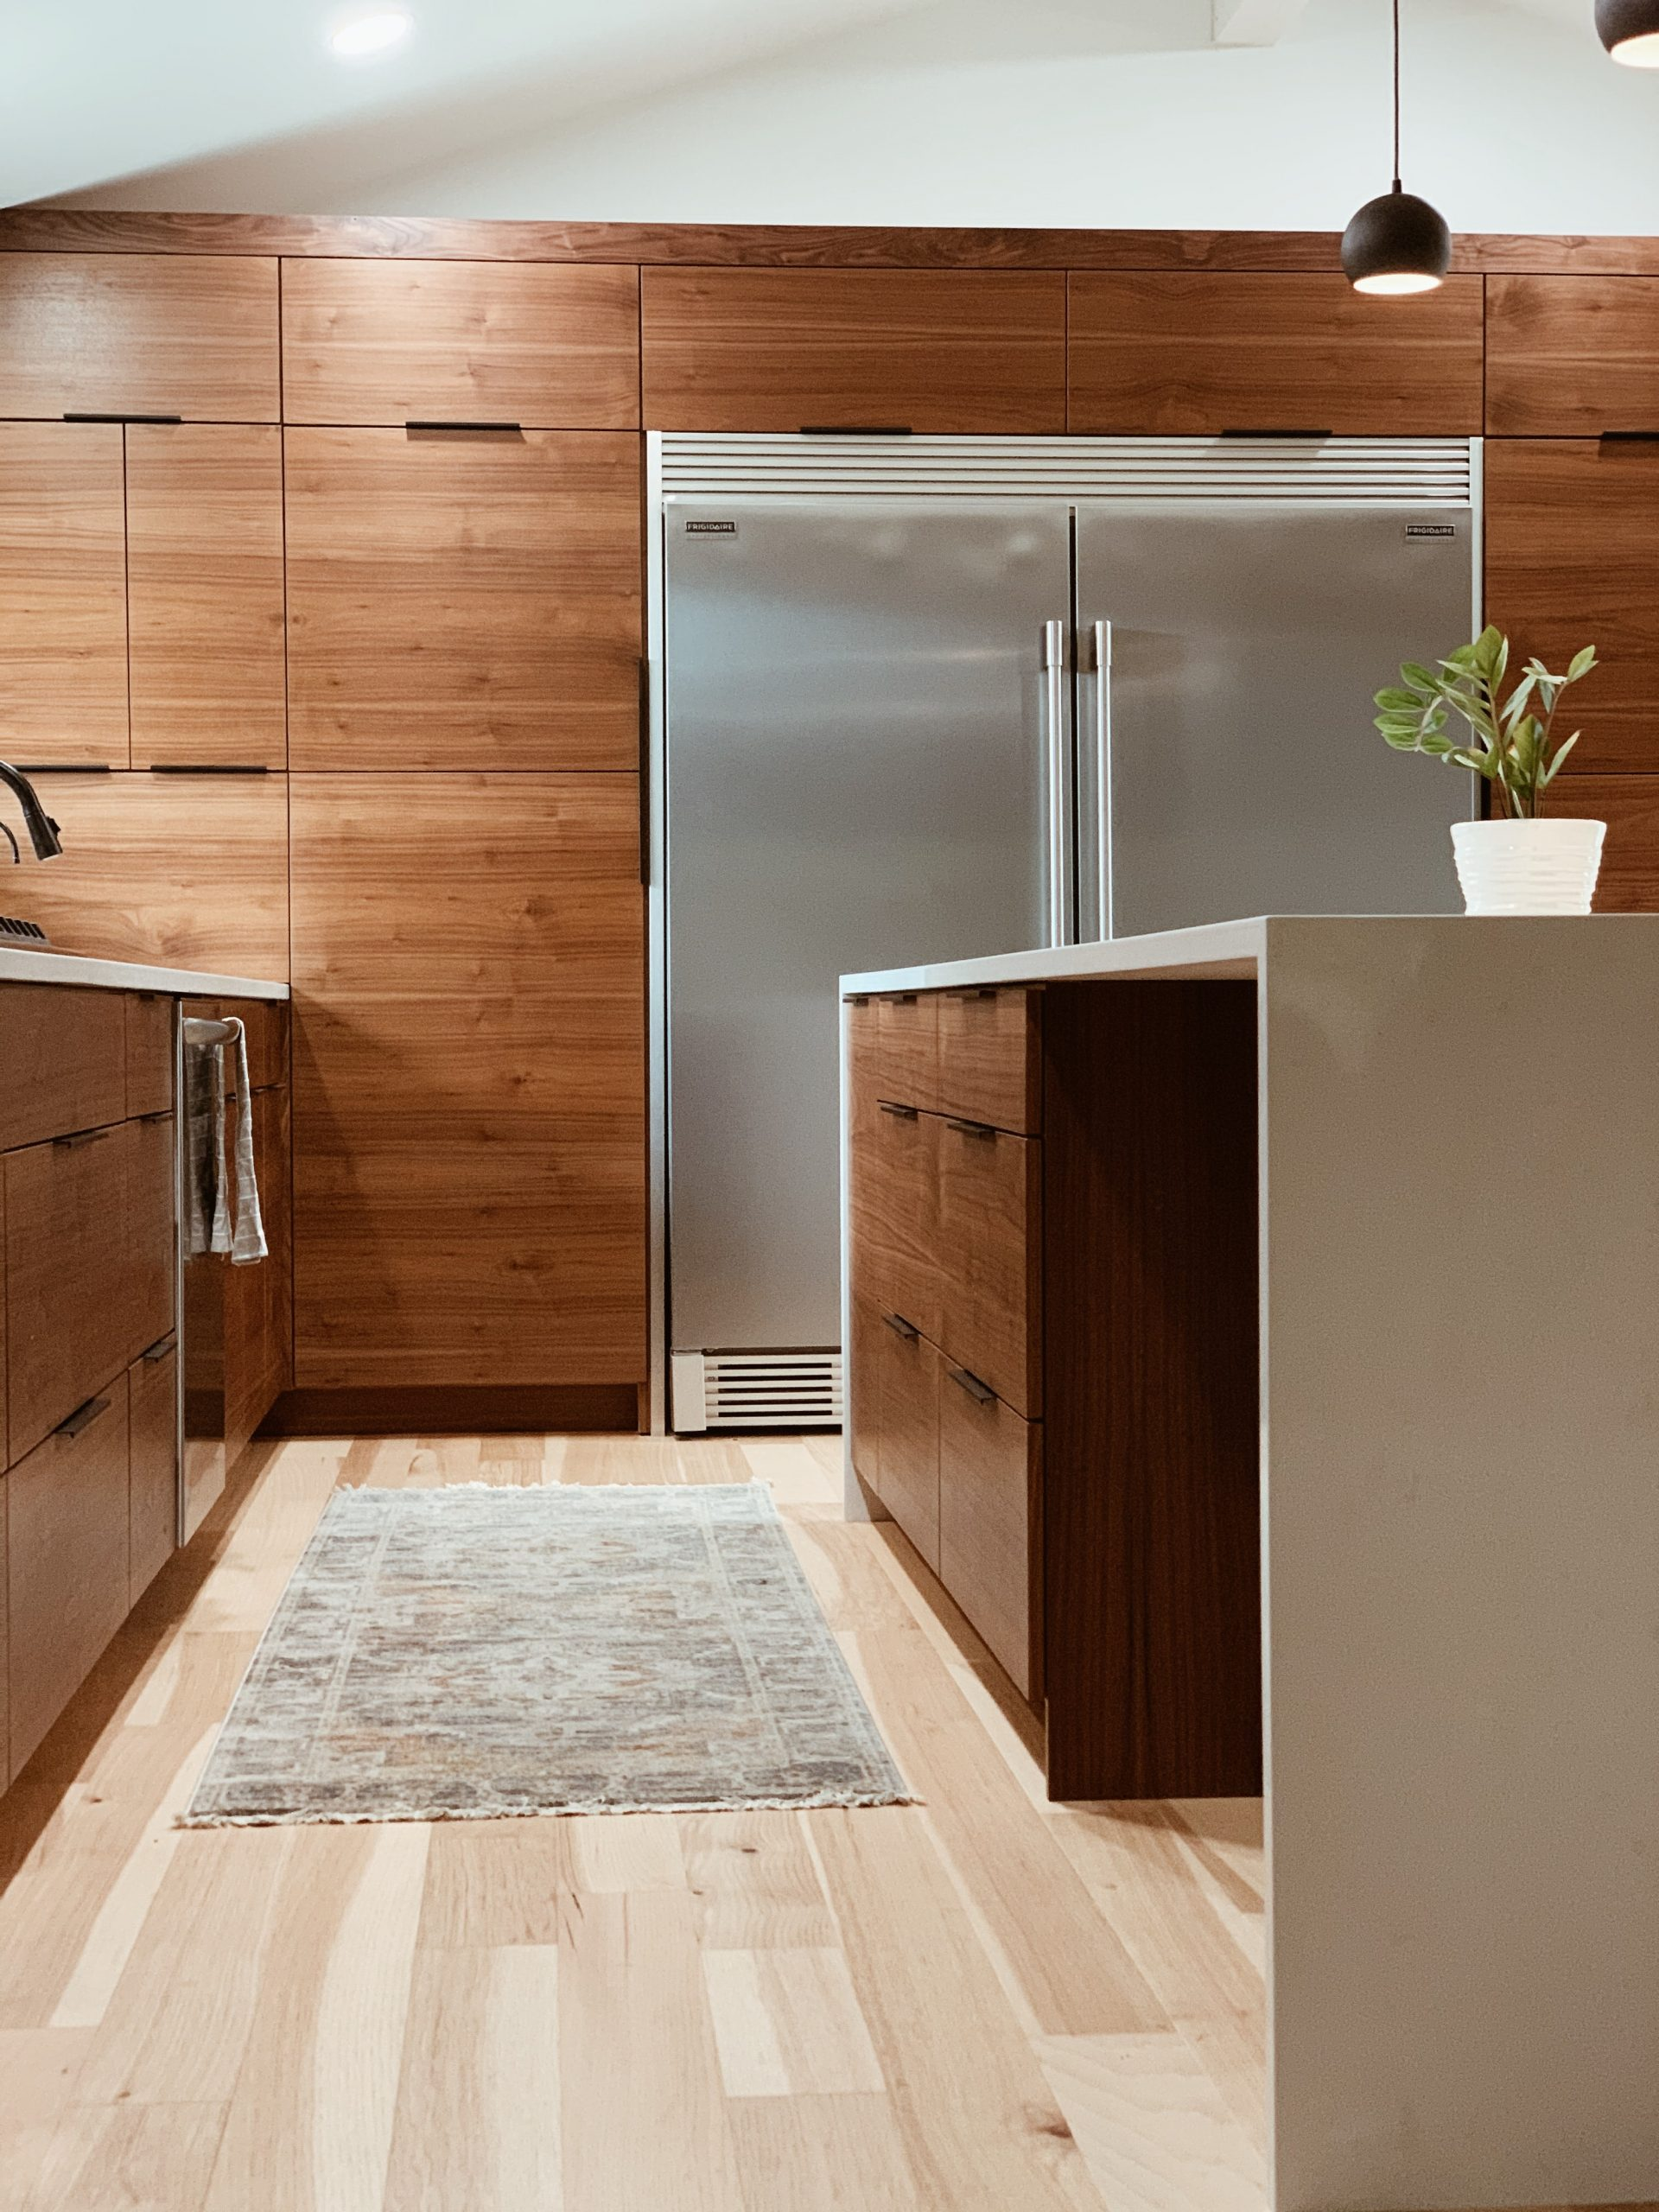 Er du ved at indrette nyt køkken? Brug pengene på de mest essentielle køkkenredskaber